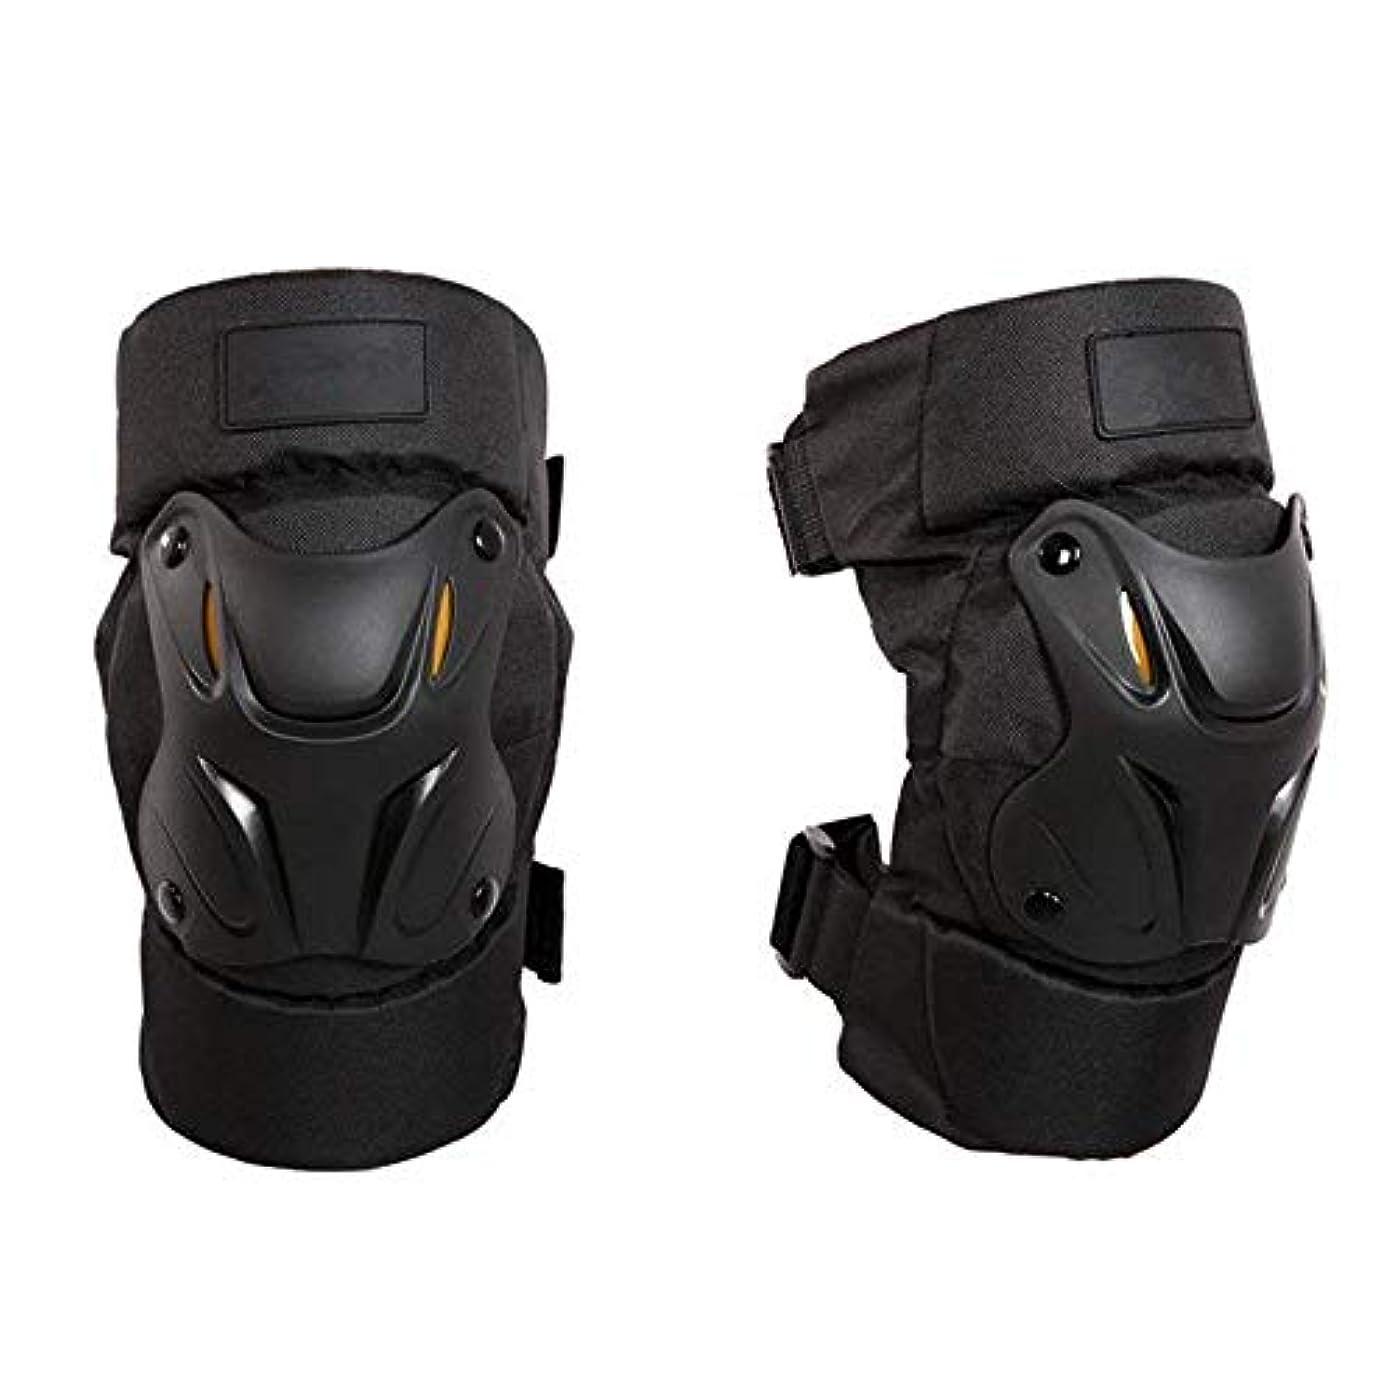 時制男やもめ共産主義膝プロテクター ブラック調整可能なアラミド繊維のオートバイ保護膝パッド大人の通気性のモトクロスMTBサイクリングスケートのための新警備員 バイク 膝をつくお仕事にも最適